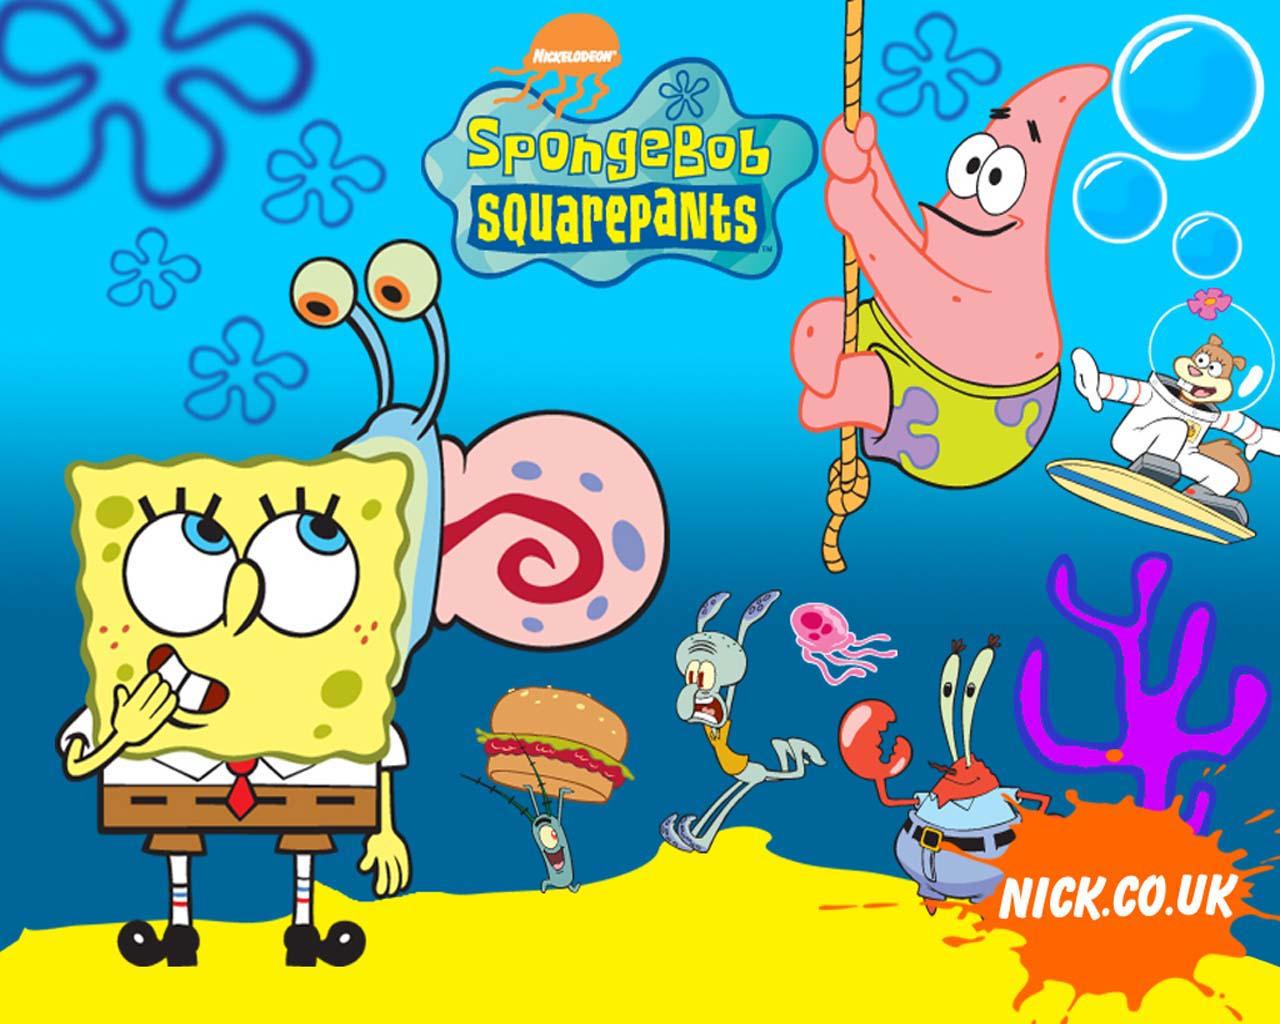 Bob Esponja Calça Quadrada Imagens Spongebob Wallpaper Hd Wallpaper